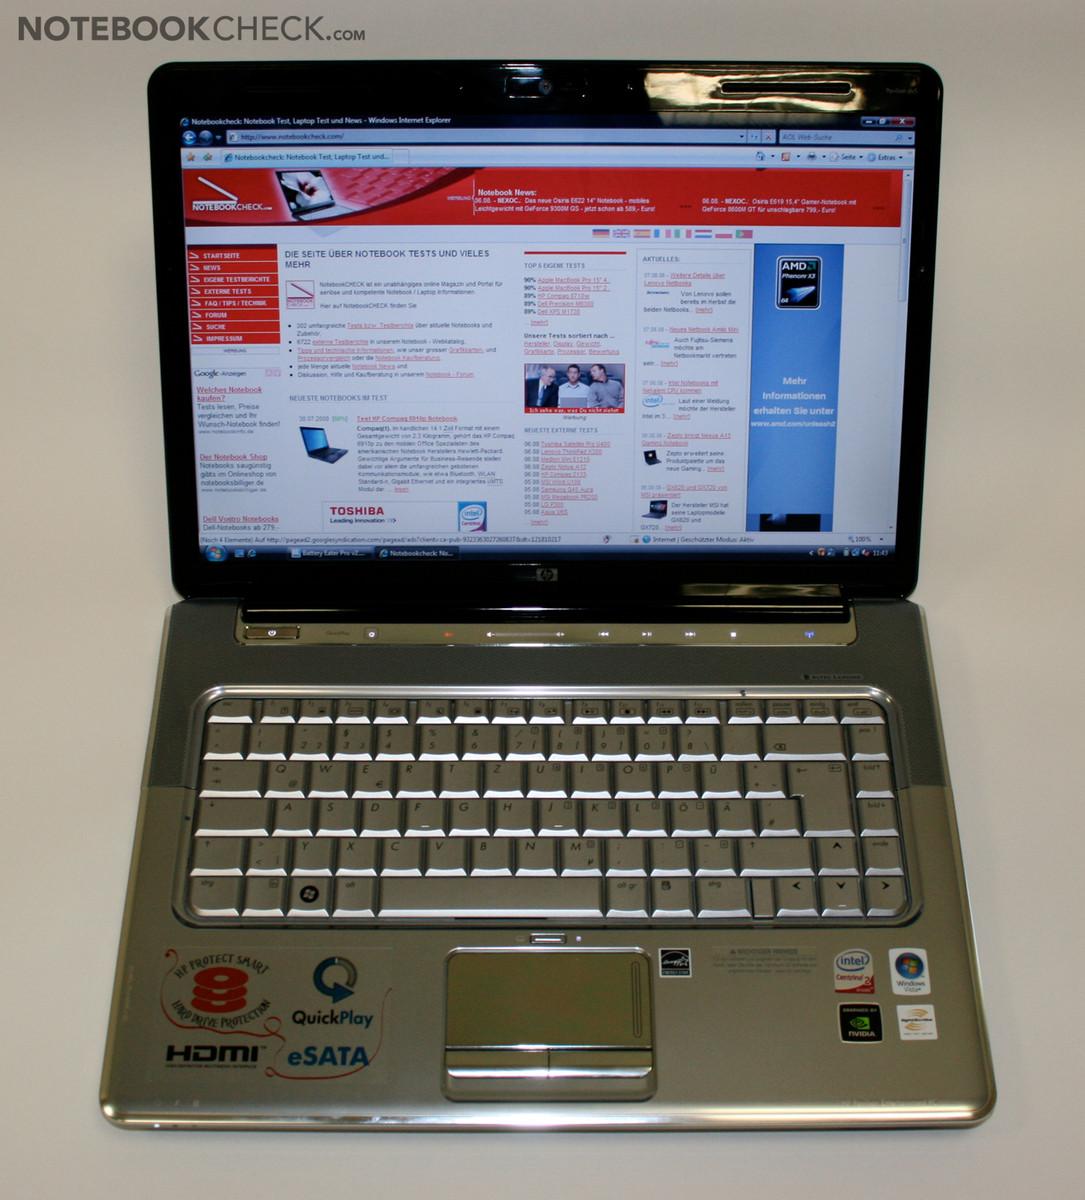 HP Pavilion dv5 1235dx Entertainment Notebook PC Driver